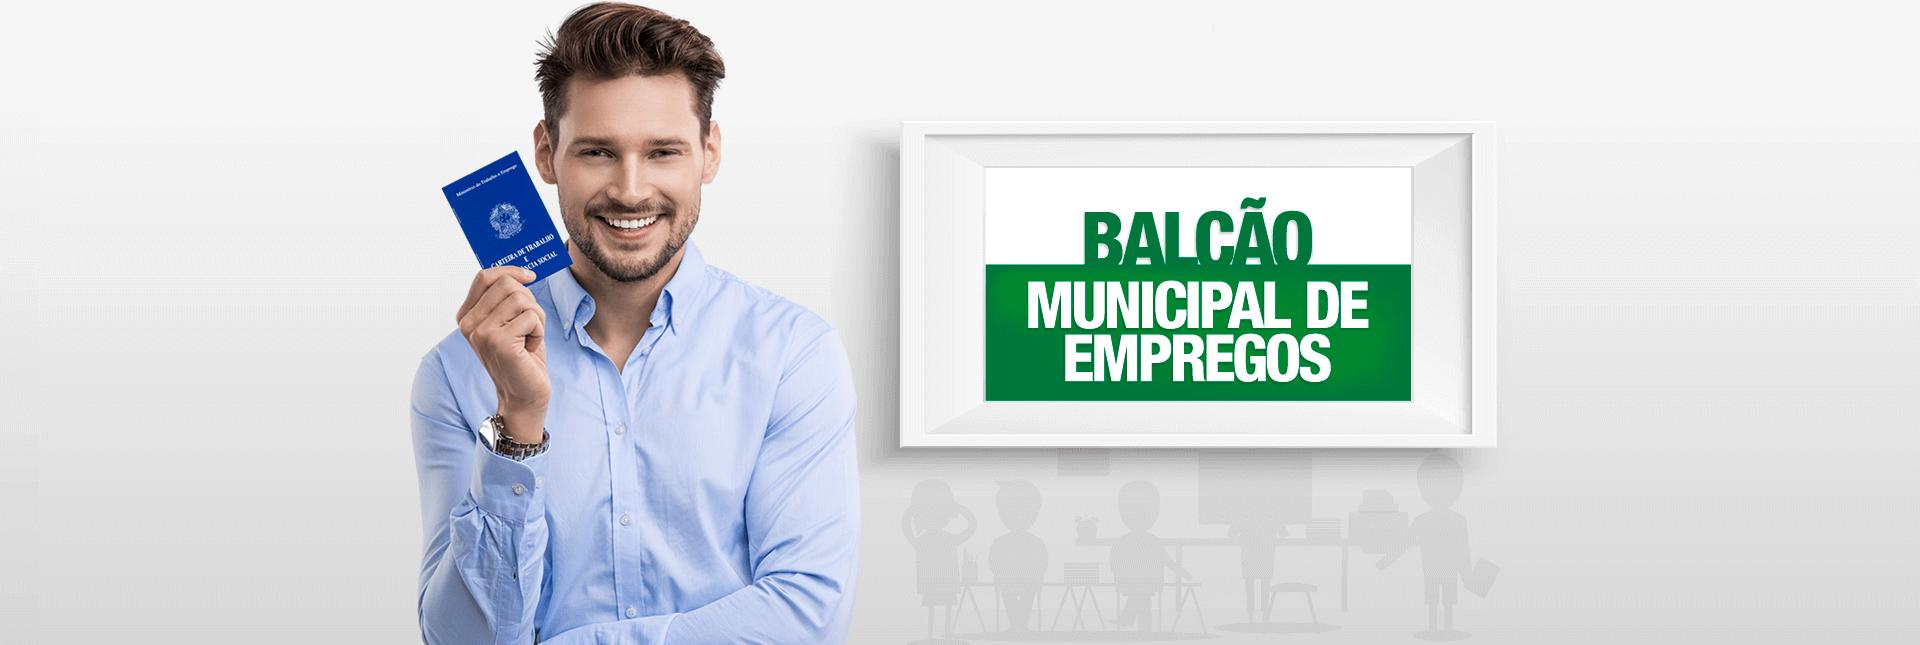 61cc88b2e Balcão Municipal de Empregos - Prefeitura de Chapecó